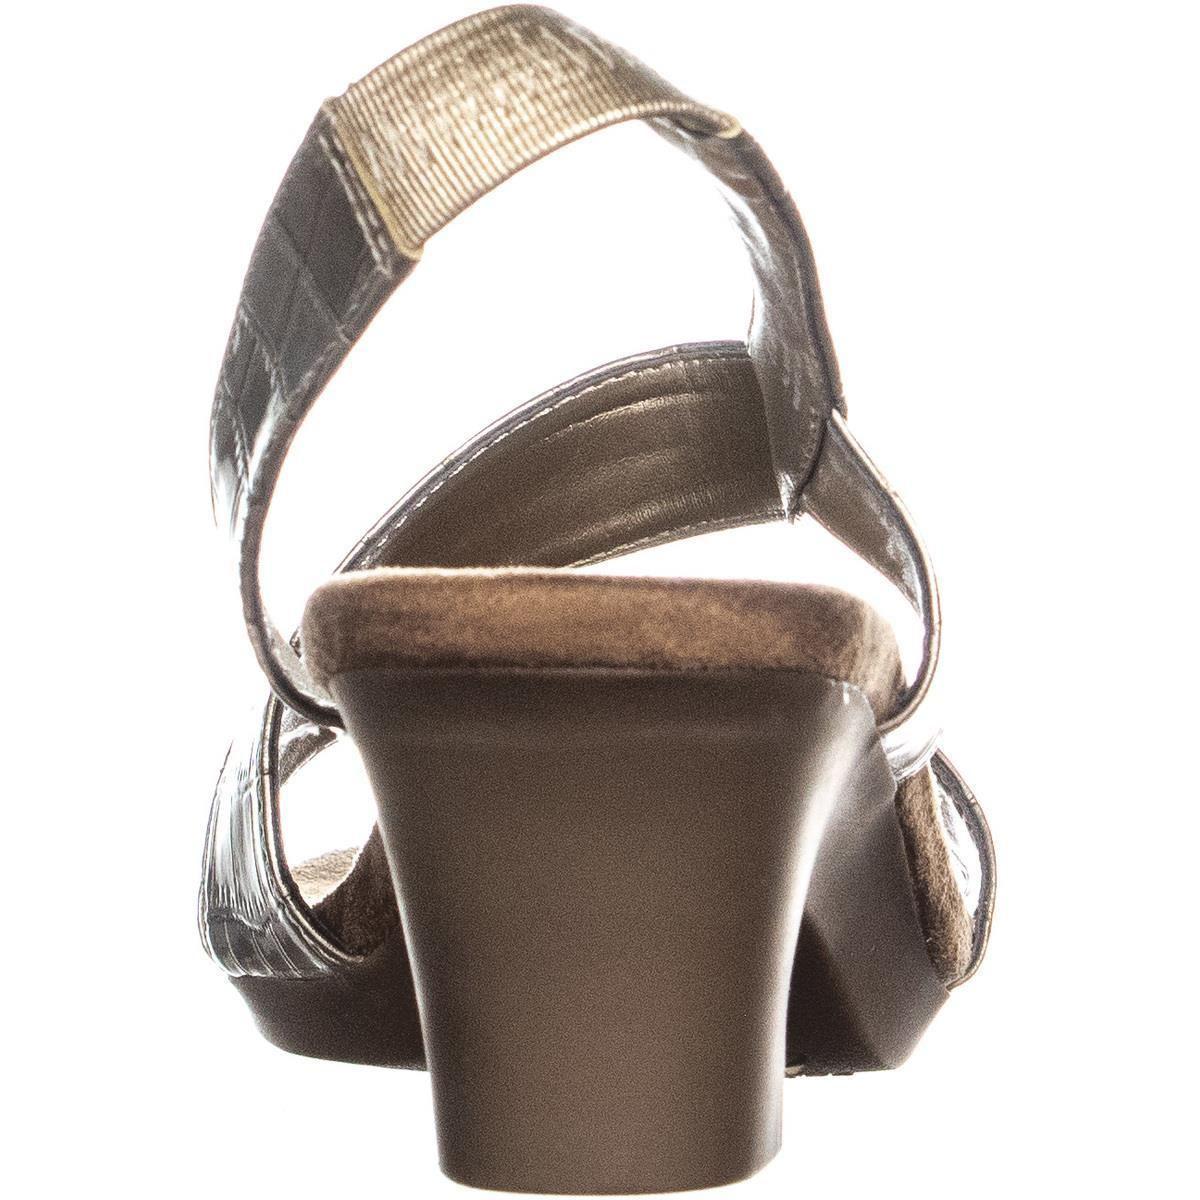 252e1b325fb0 Aerosoles - Multicolor Brasserie Slingback Slip On Sandals